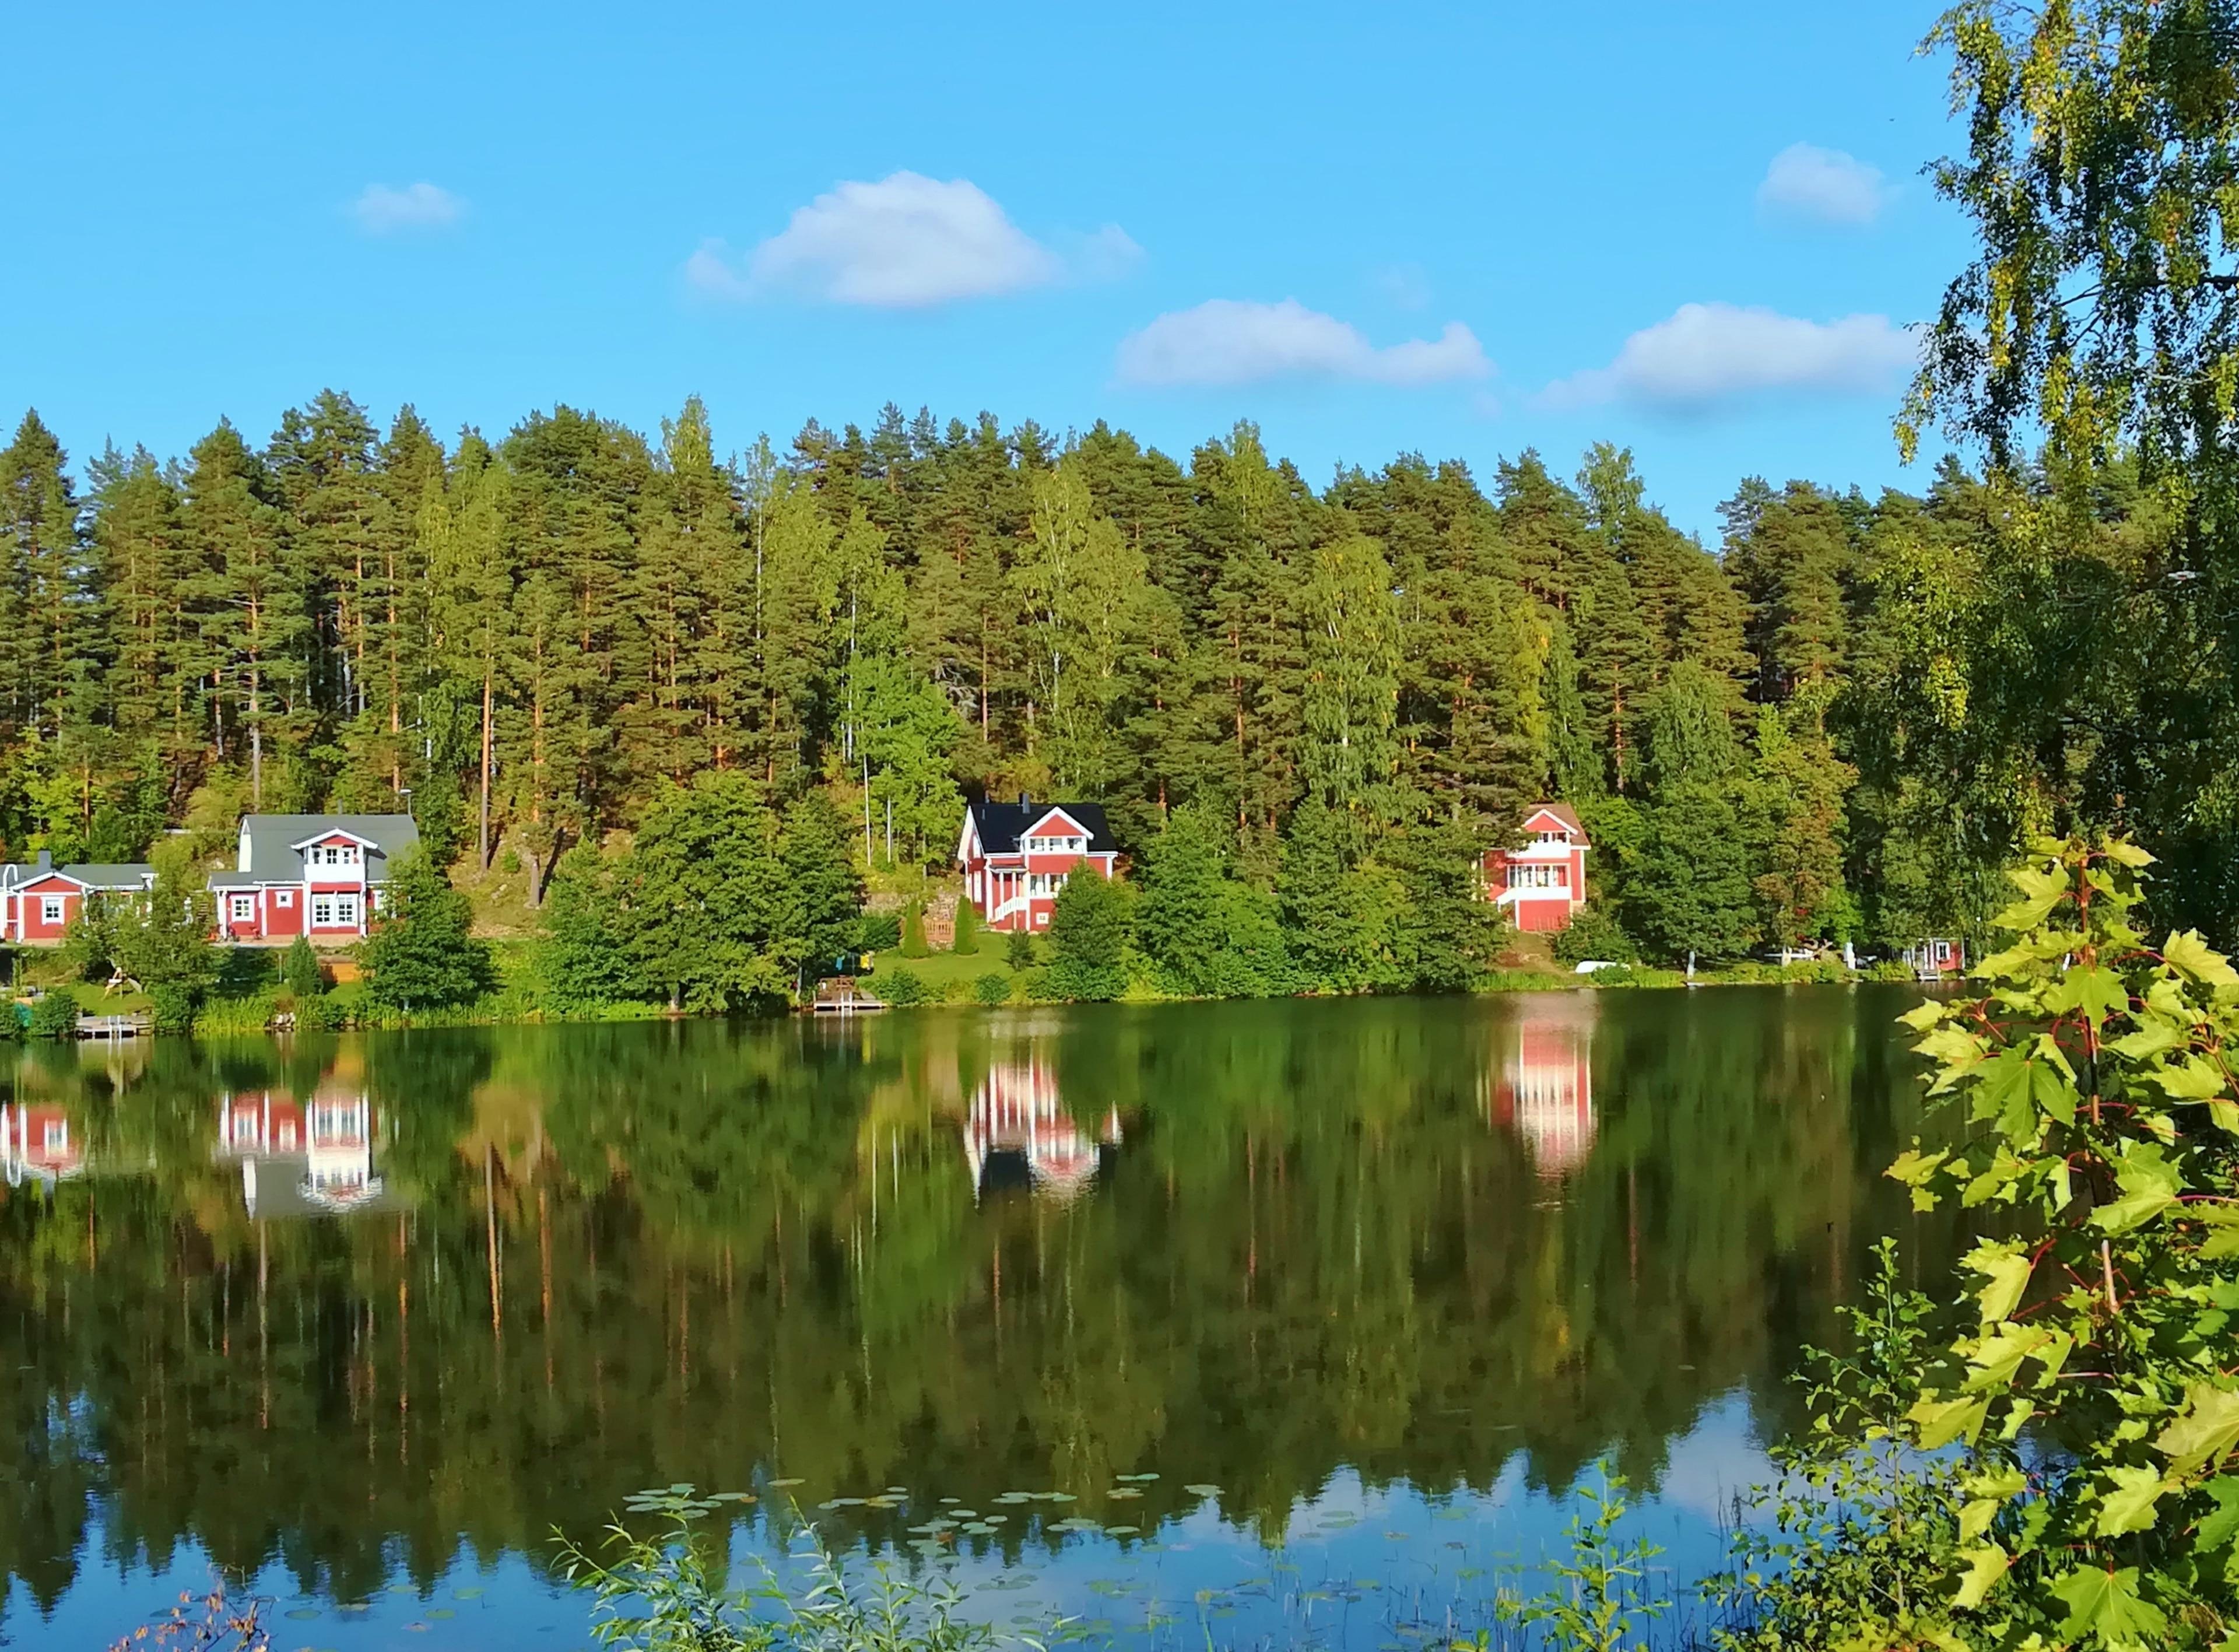 Hattula, Kanta-Häme, Finnland